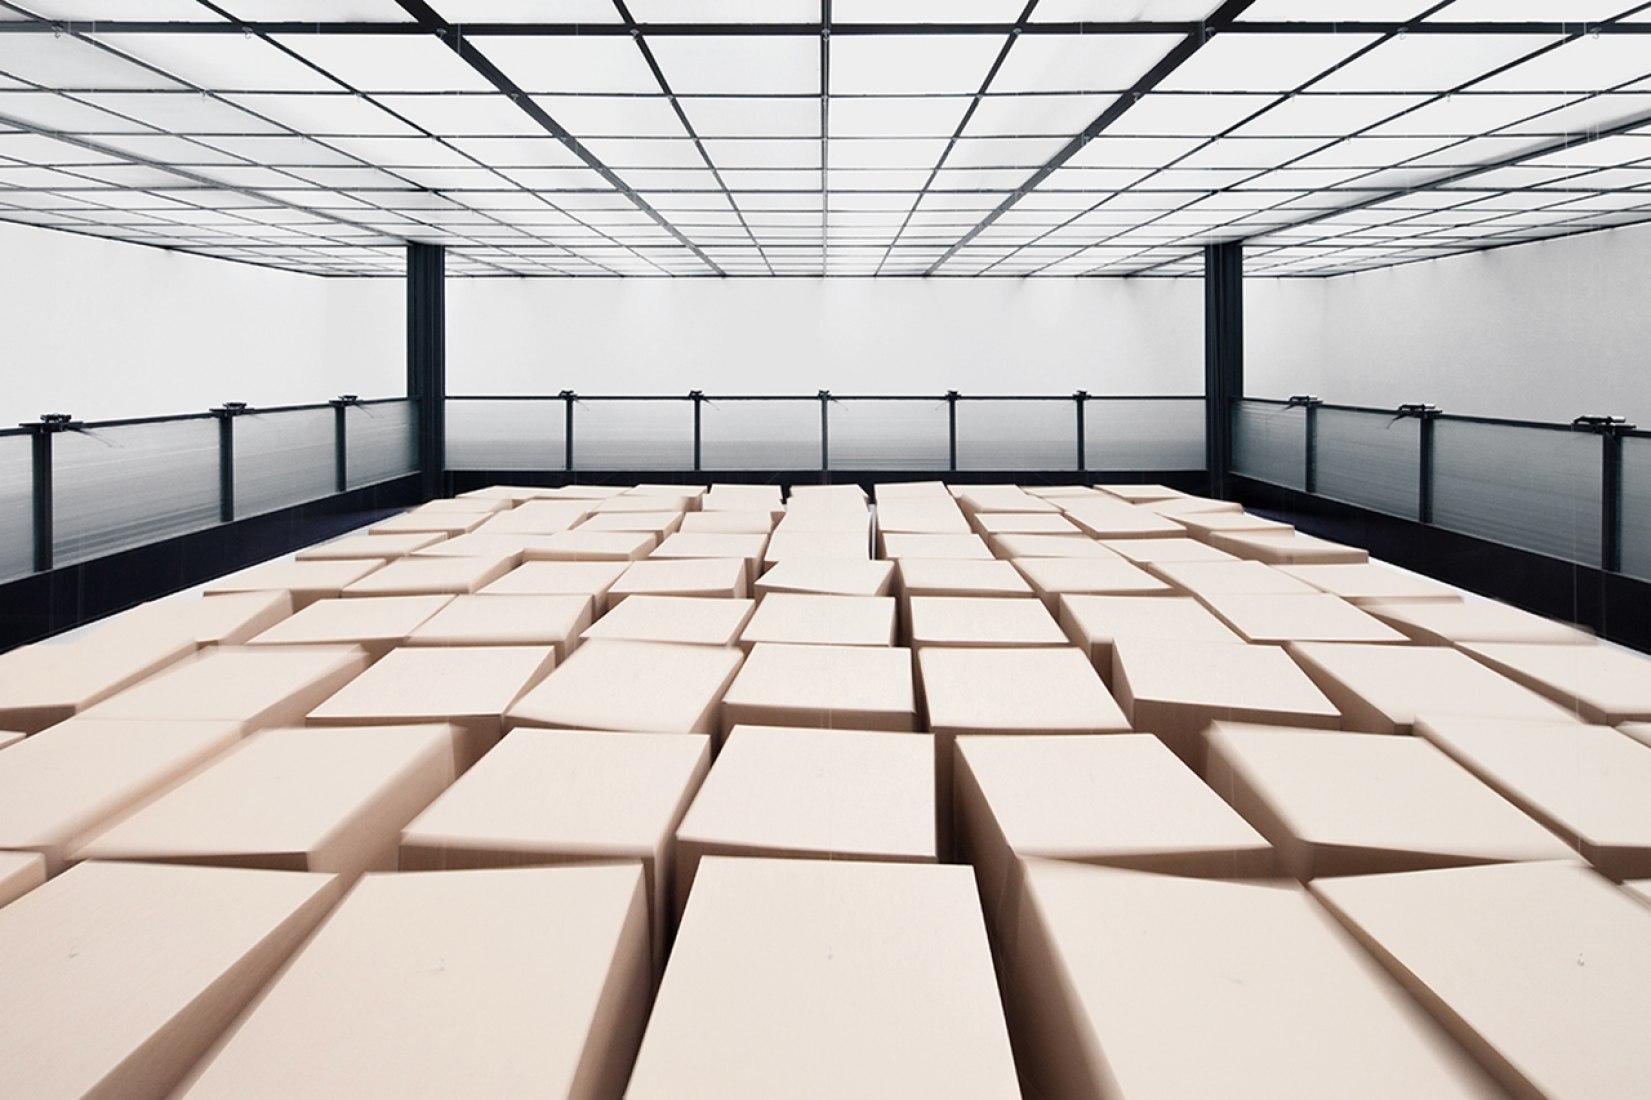 20 prepared dc-motors, 81 cardboard boxes 70x70x70cm. Zimoun & Hannes Zweifel. Image courtesiy of Studio Zimoun.